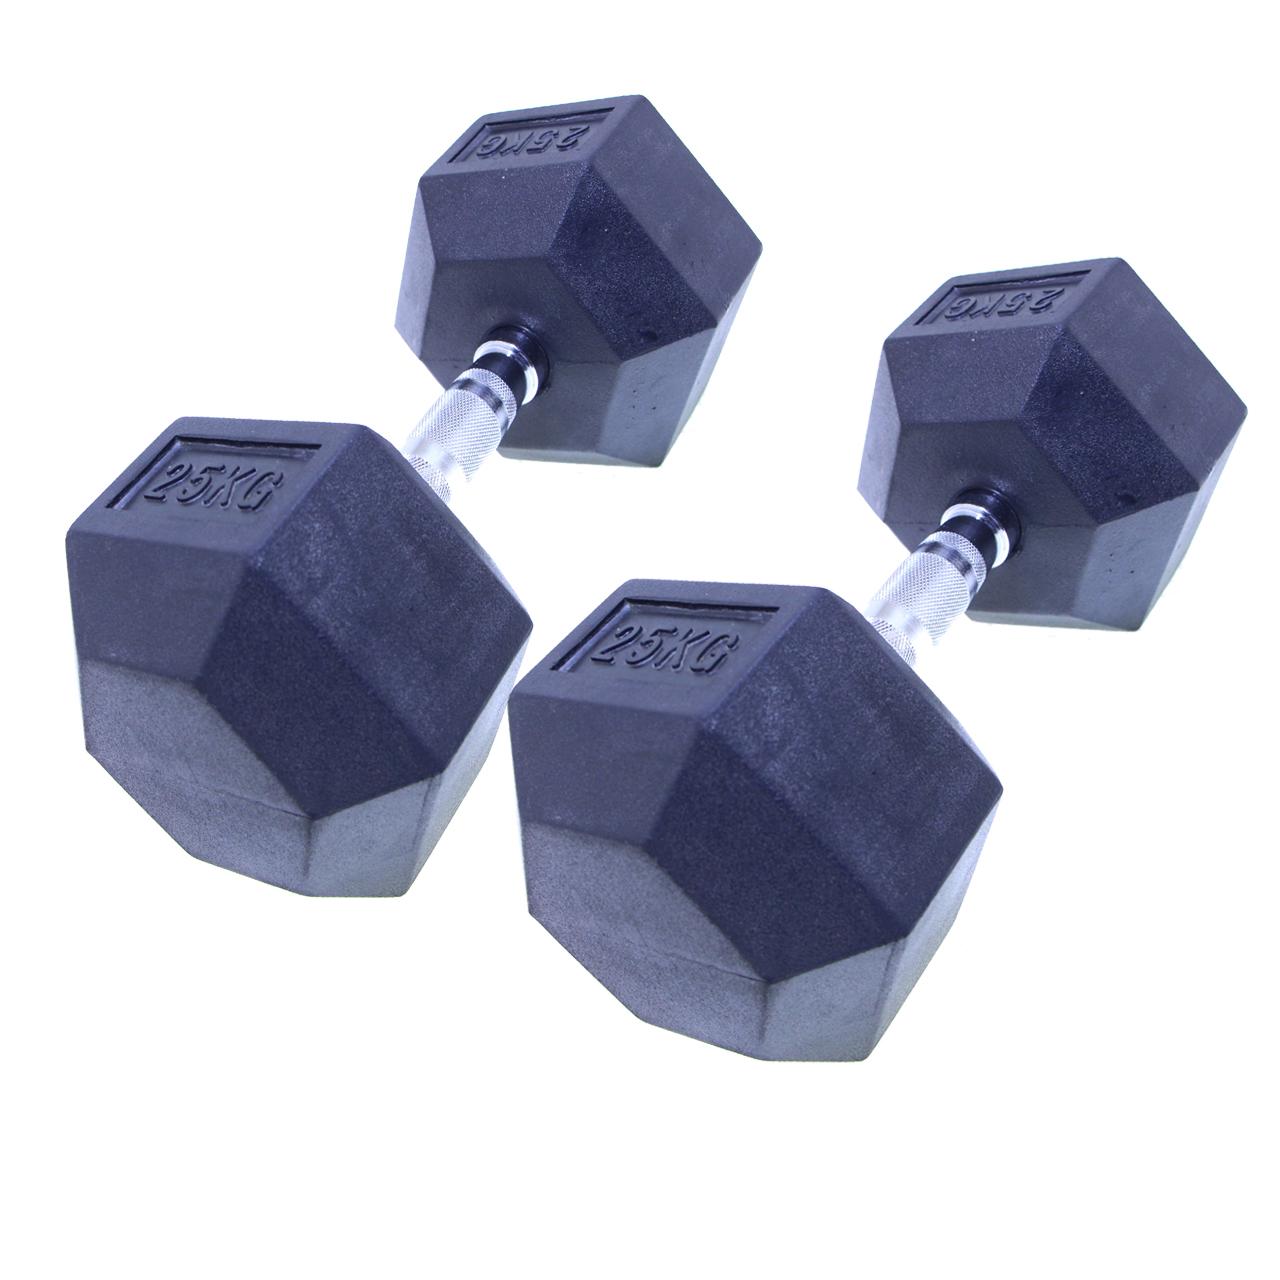 دمبل بدنسازی شش ضلعی هنگدا مدل Rubber1706 وزن 25 کیلوگرم بسته 2 عددی